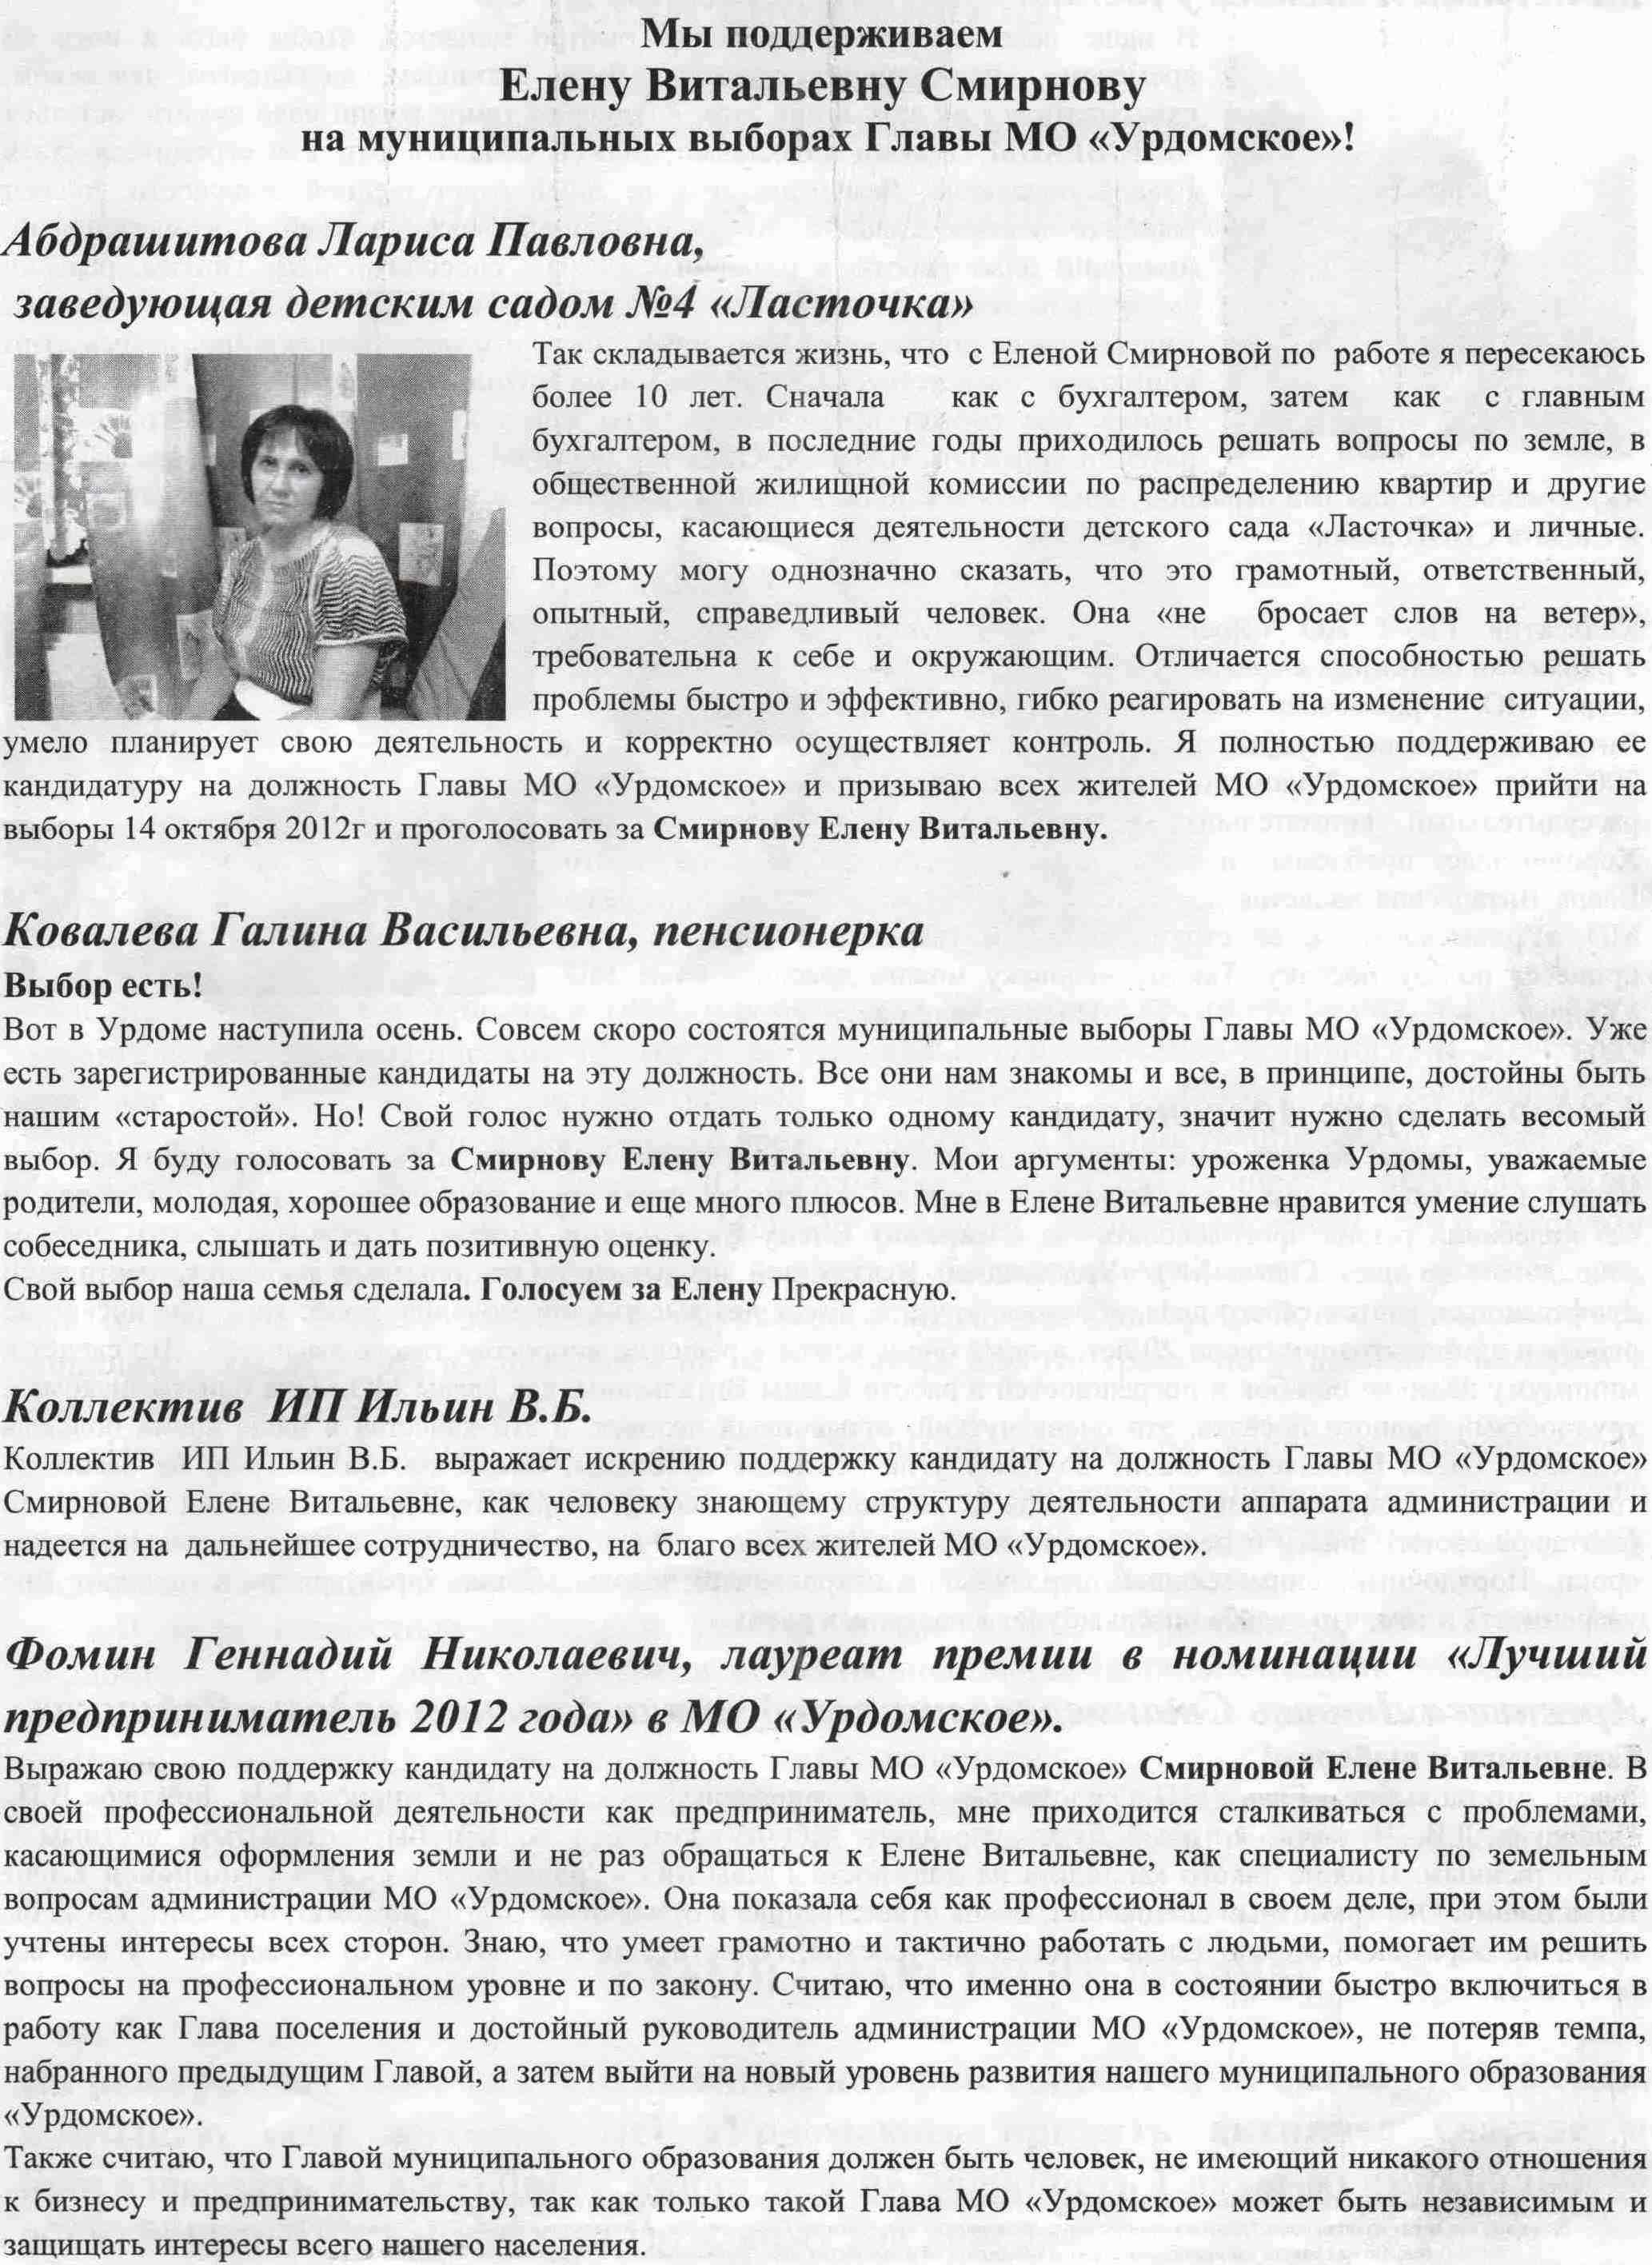 Смирнова ЕВ, кандидат (2)